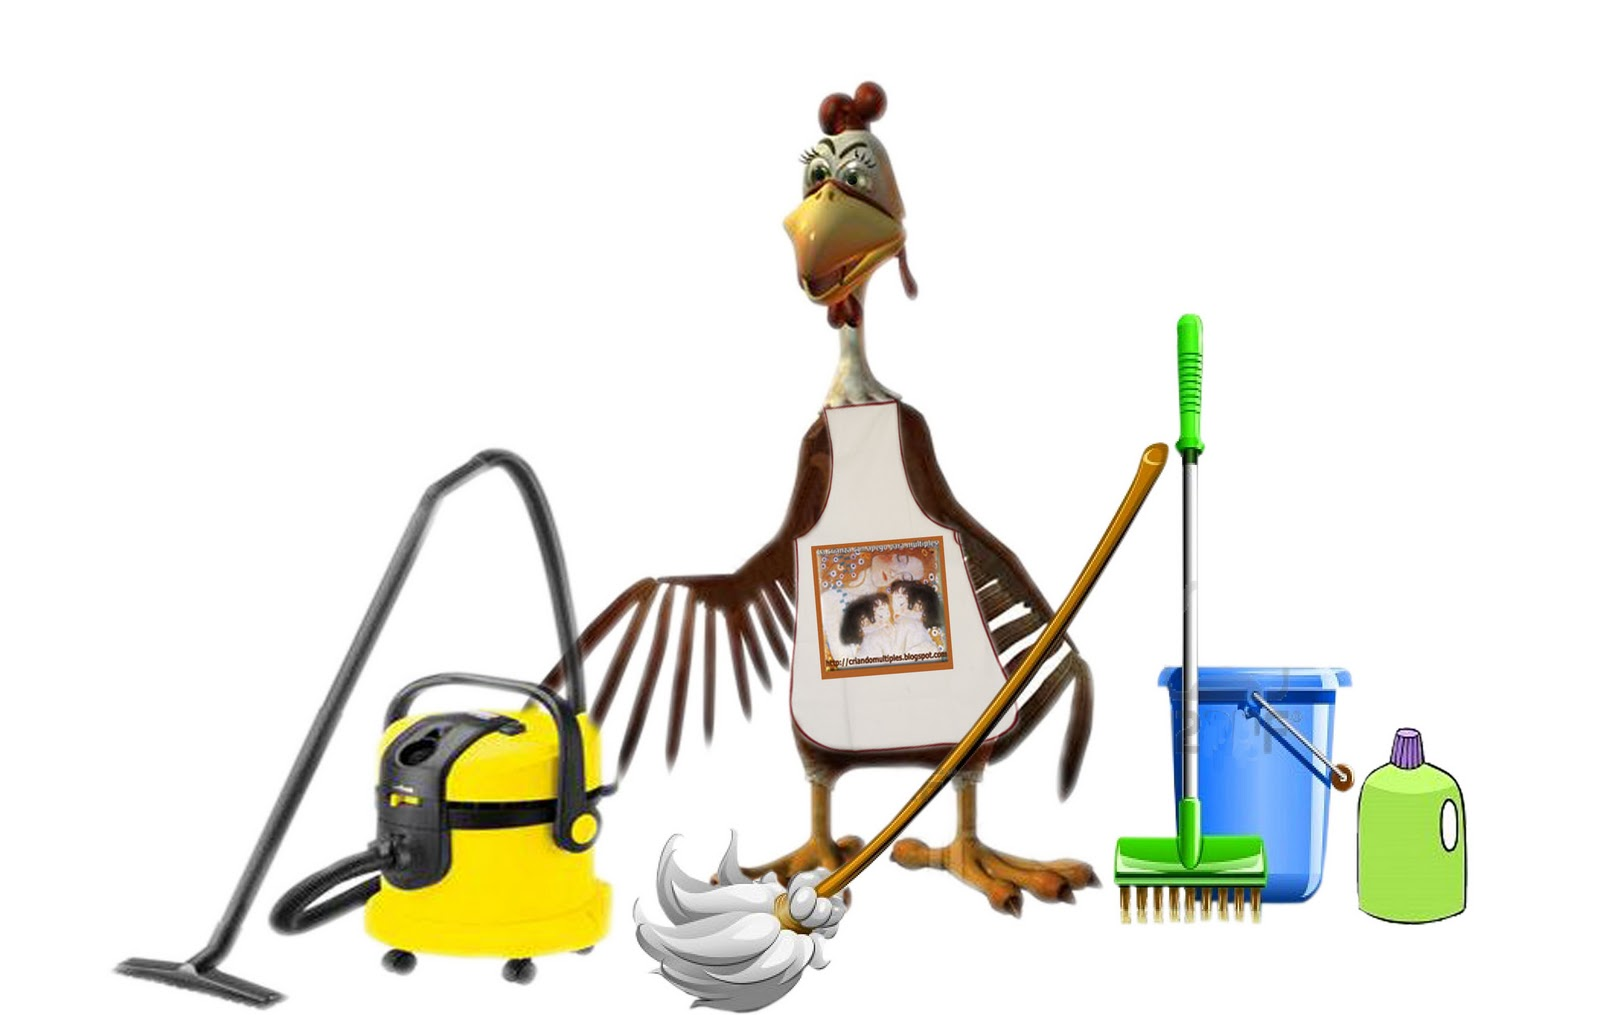 Casas cocinas mueble de limpieza - Casas de limpieza ...